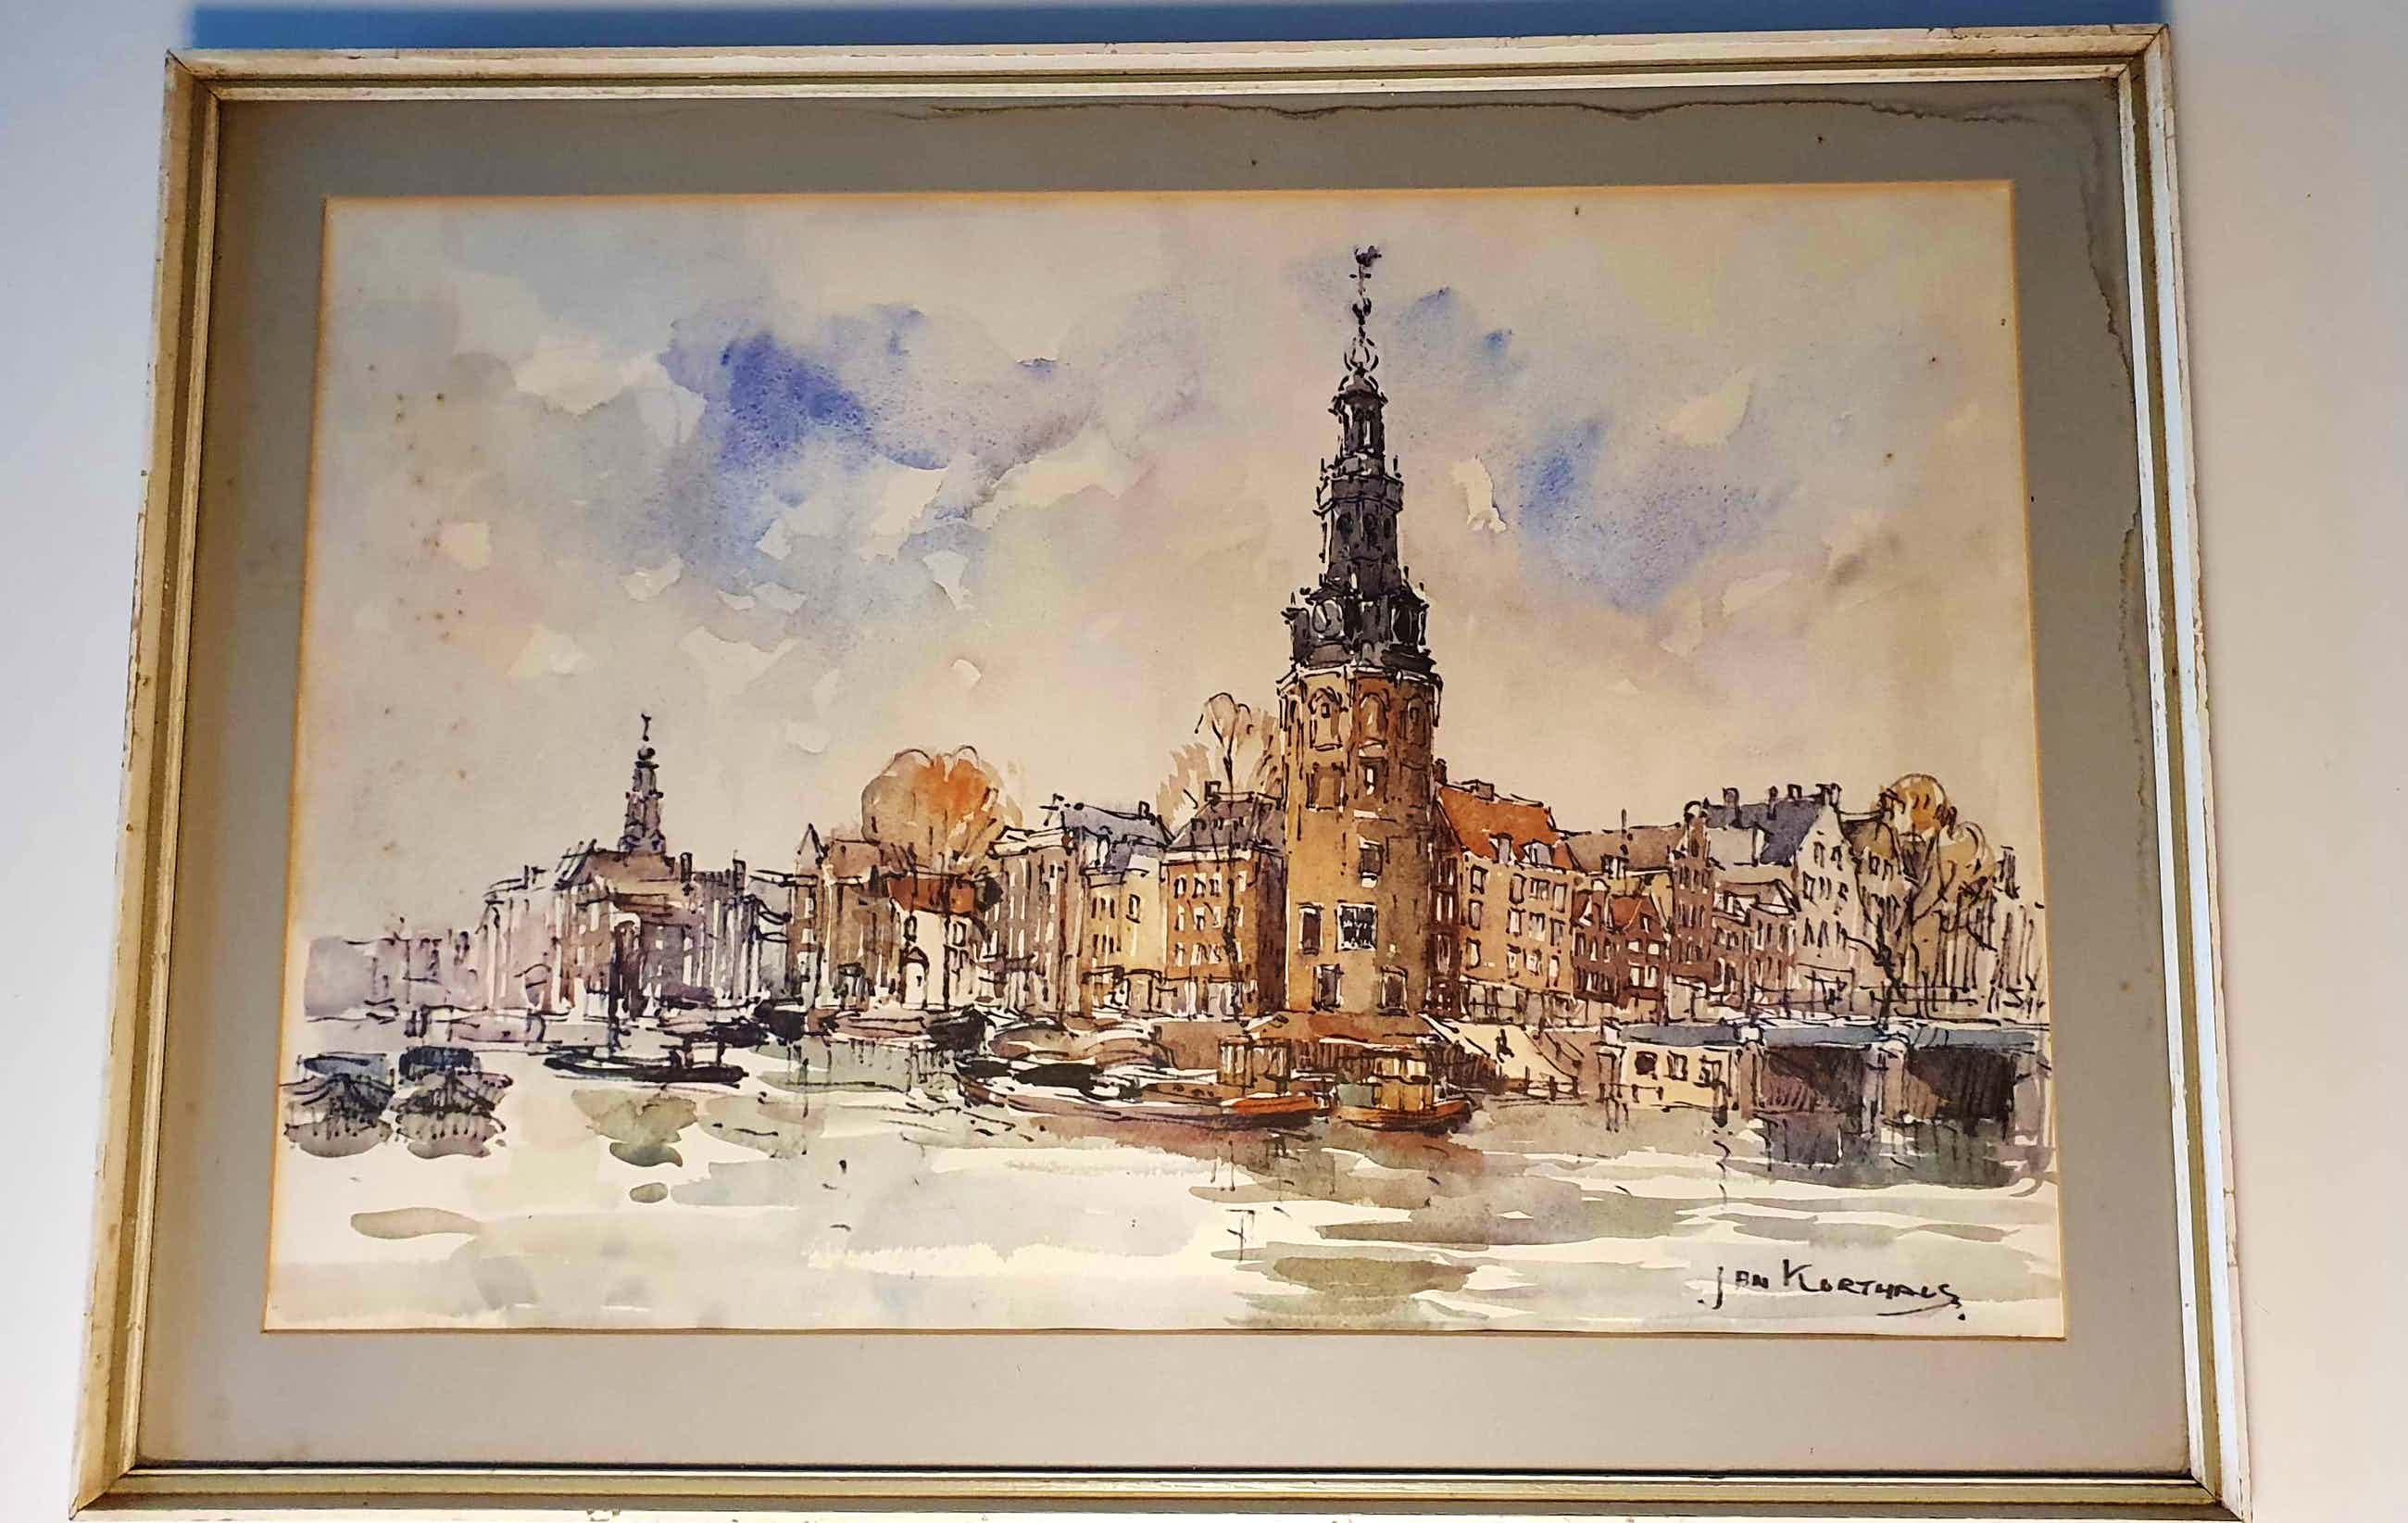 Jan Korthals - Oudeschans met Montelbaanstoren kopen? Bied vanaf 160!